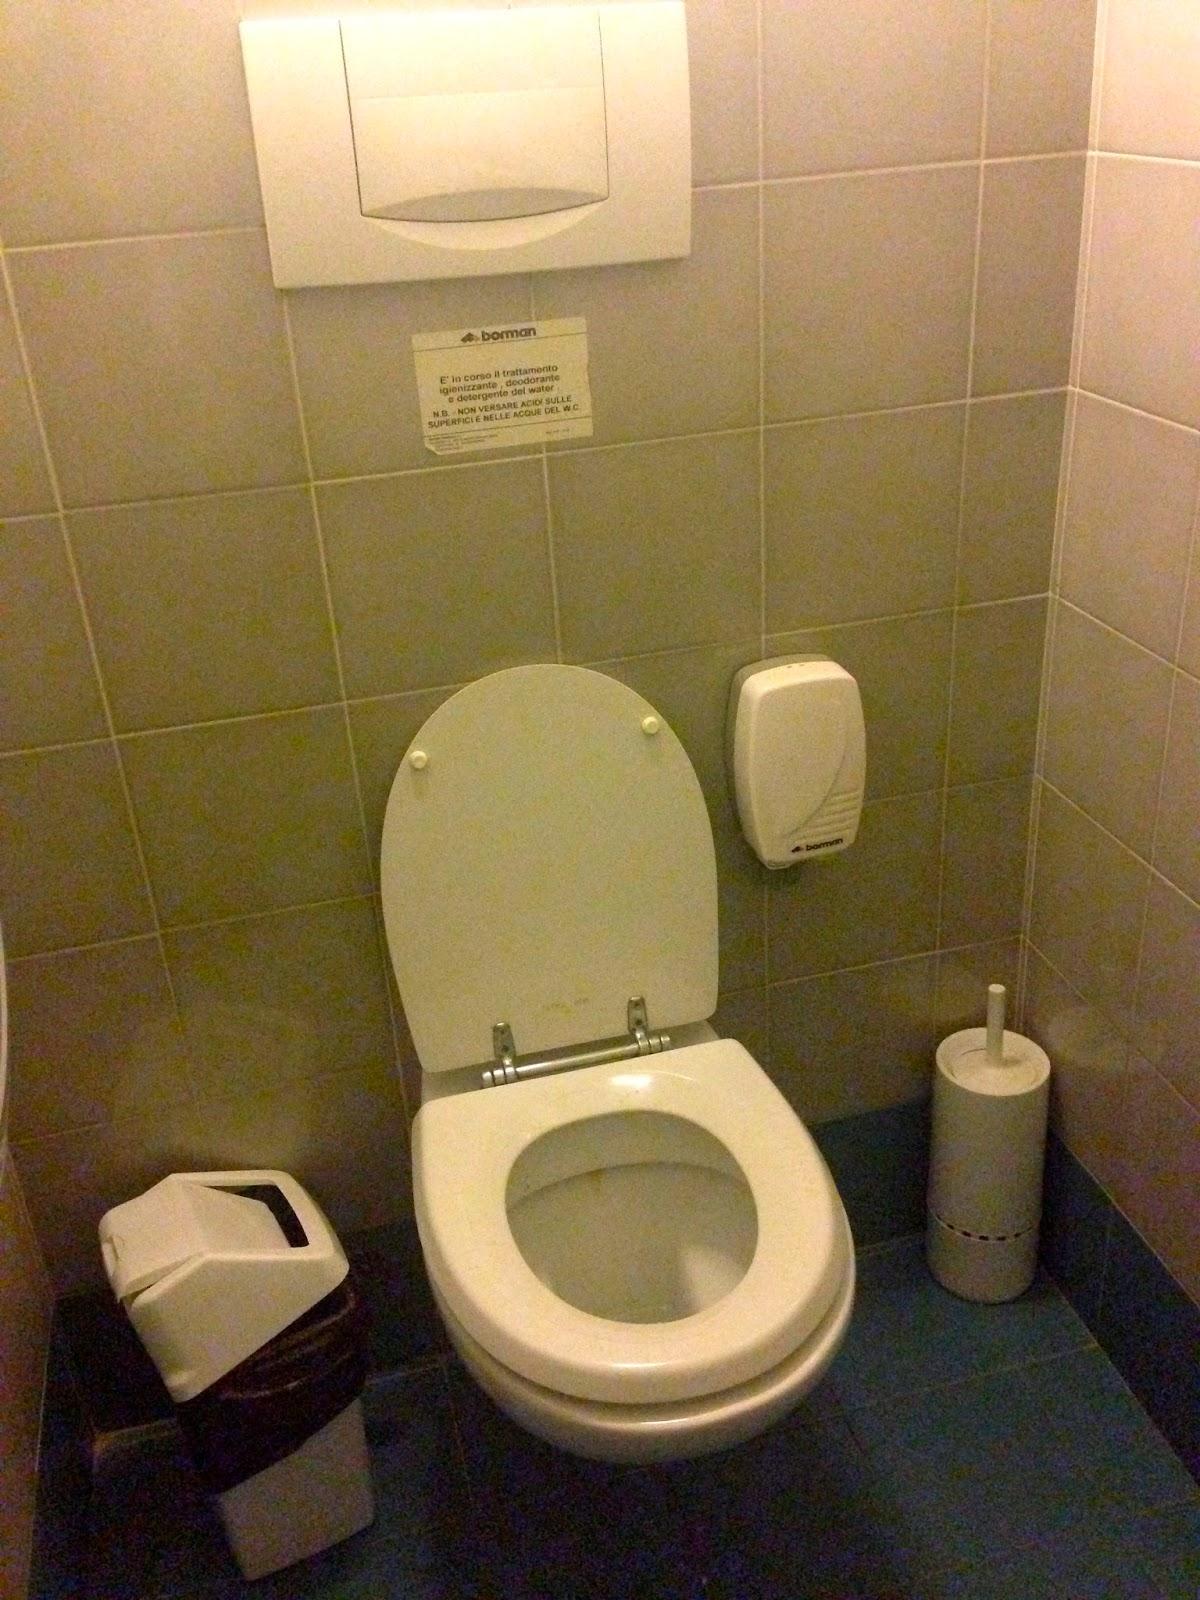 Potrebbeesserepeggio wc watching portace 39 n artro litro che noi se lo bevemo - Cibi che fanno andare in bagno ...